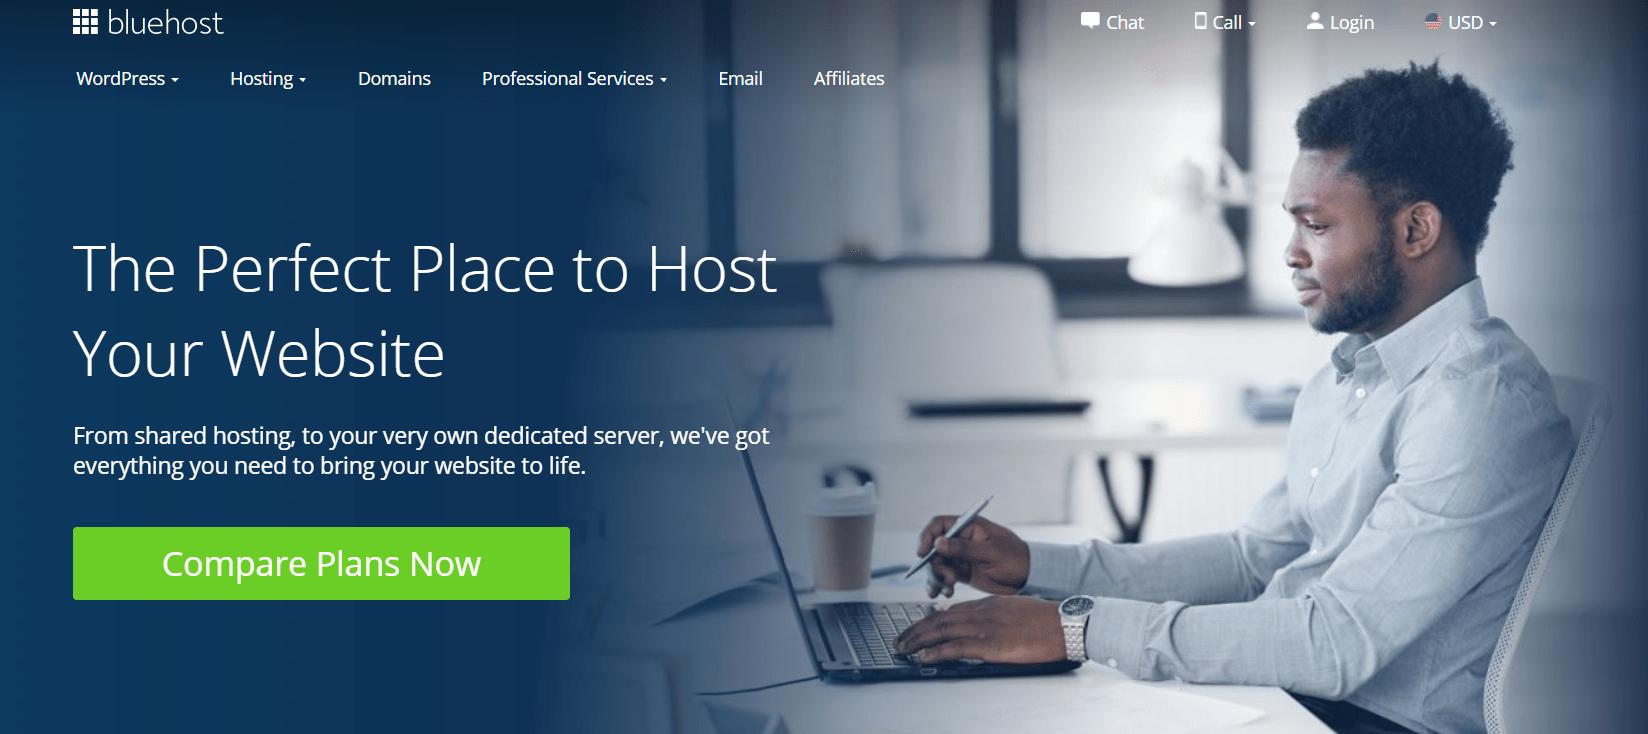 Host Your Website Now